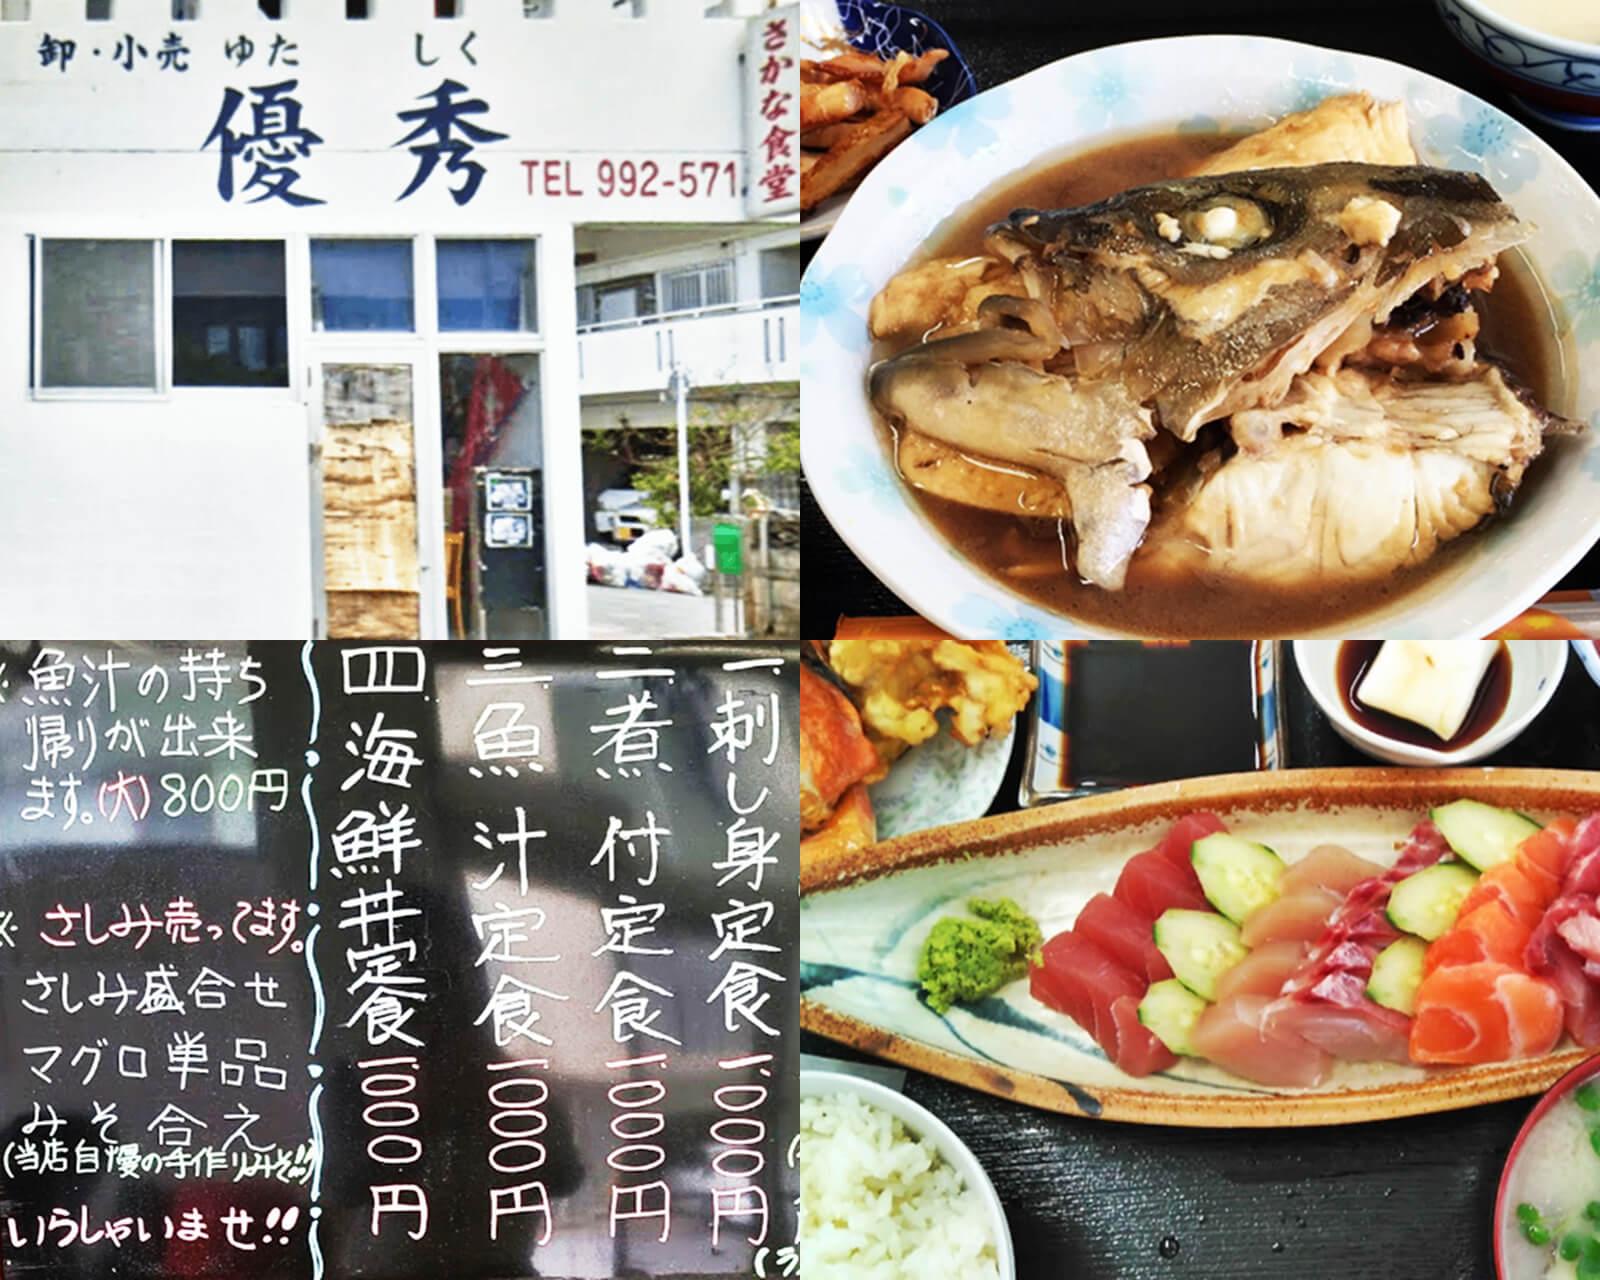 優秀(ゆたしく)鮮魚 さかな食堂